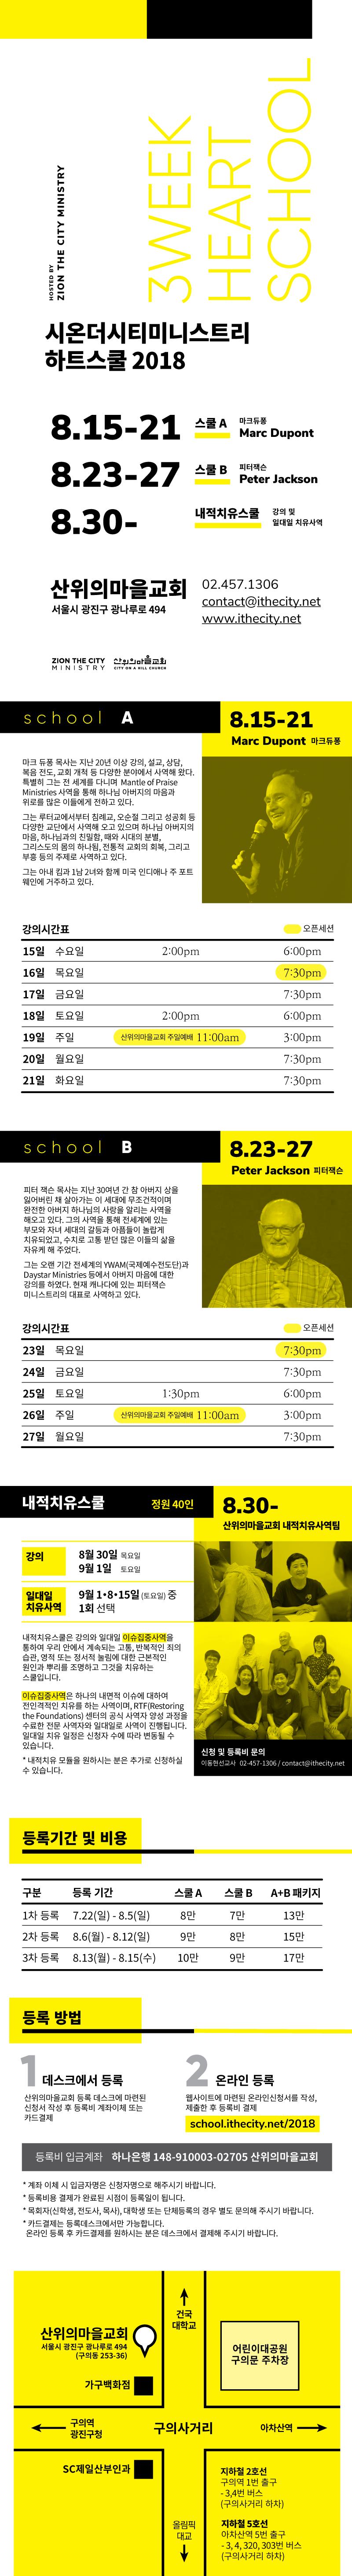 2018_3WeekS_brochure_4pages_v3_online.png